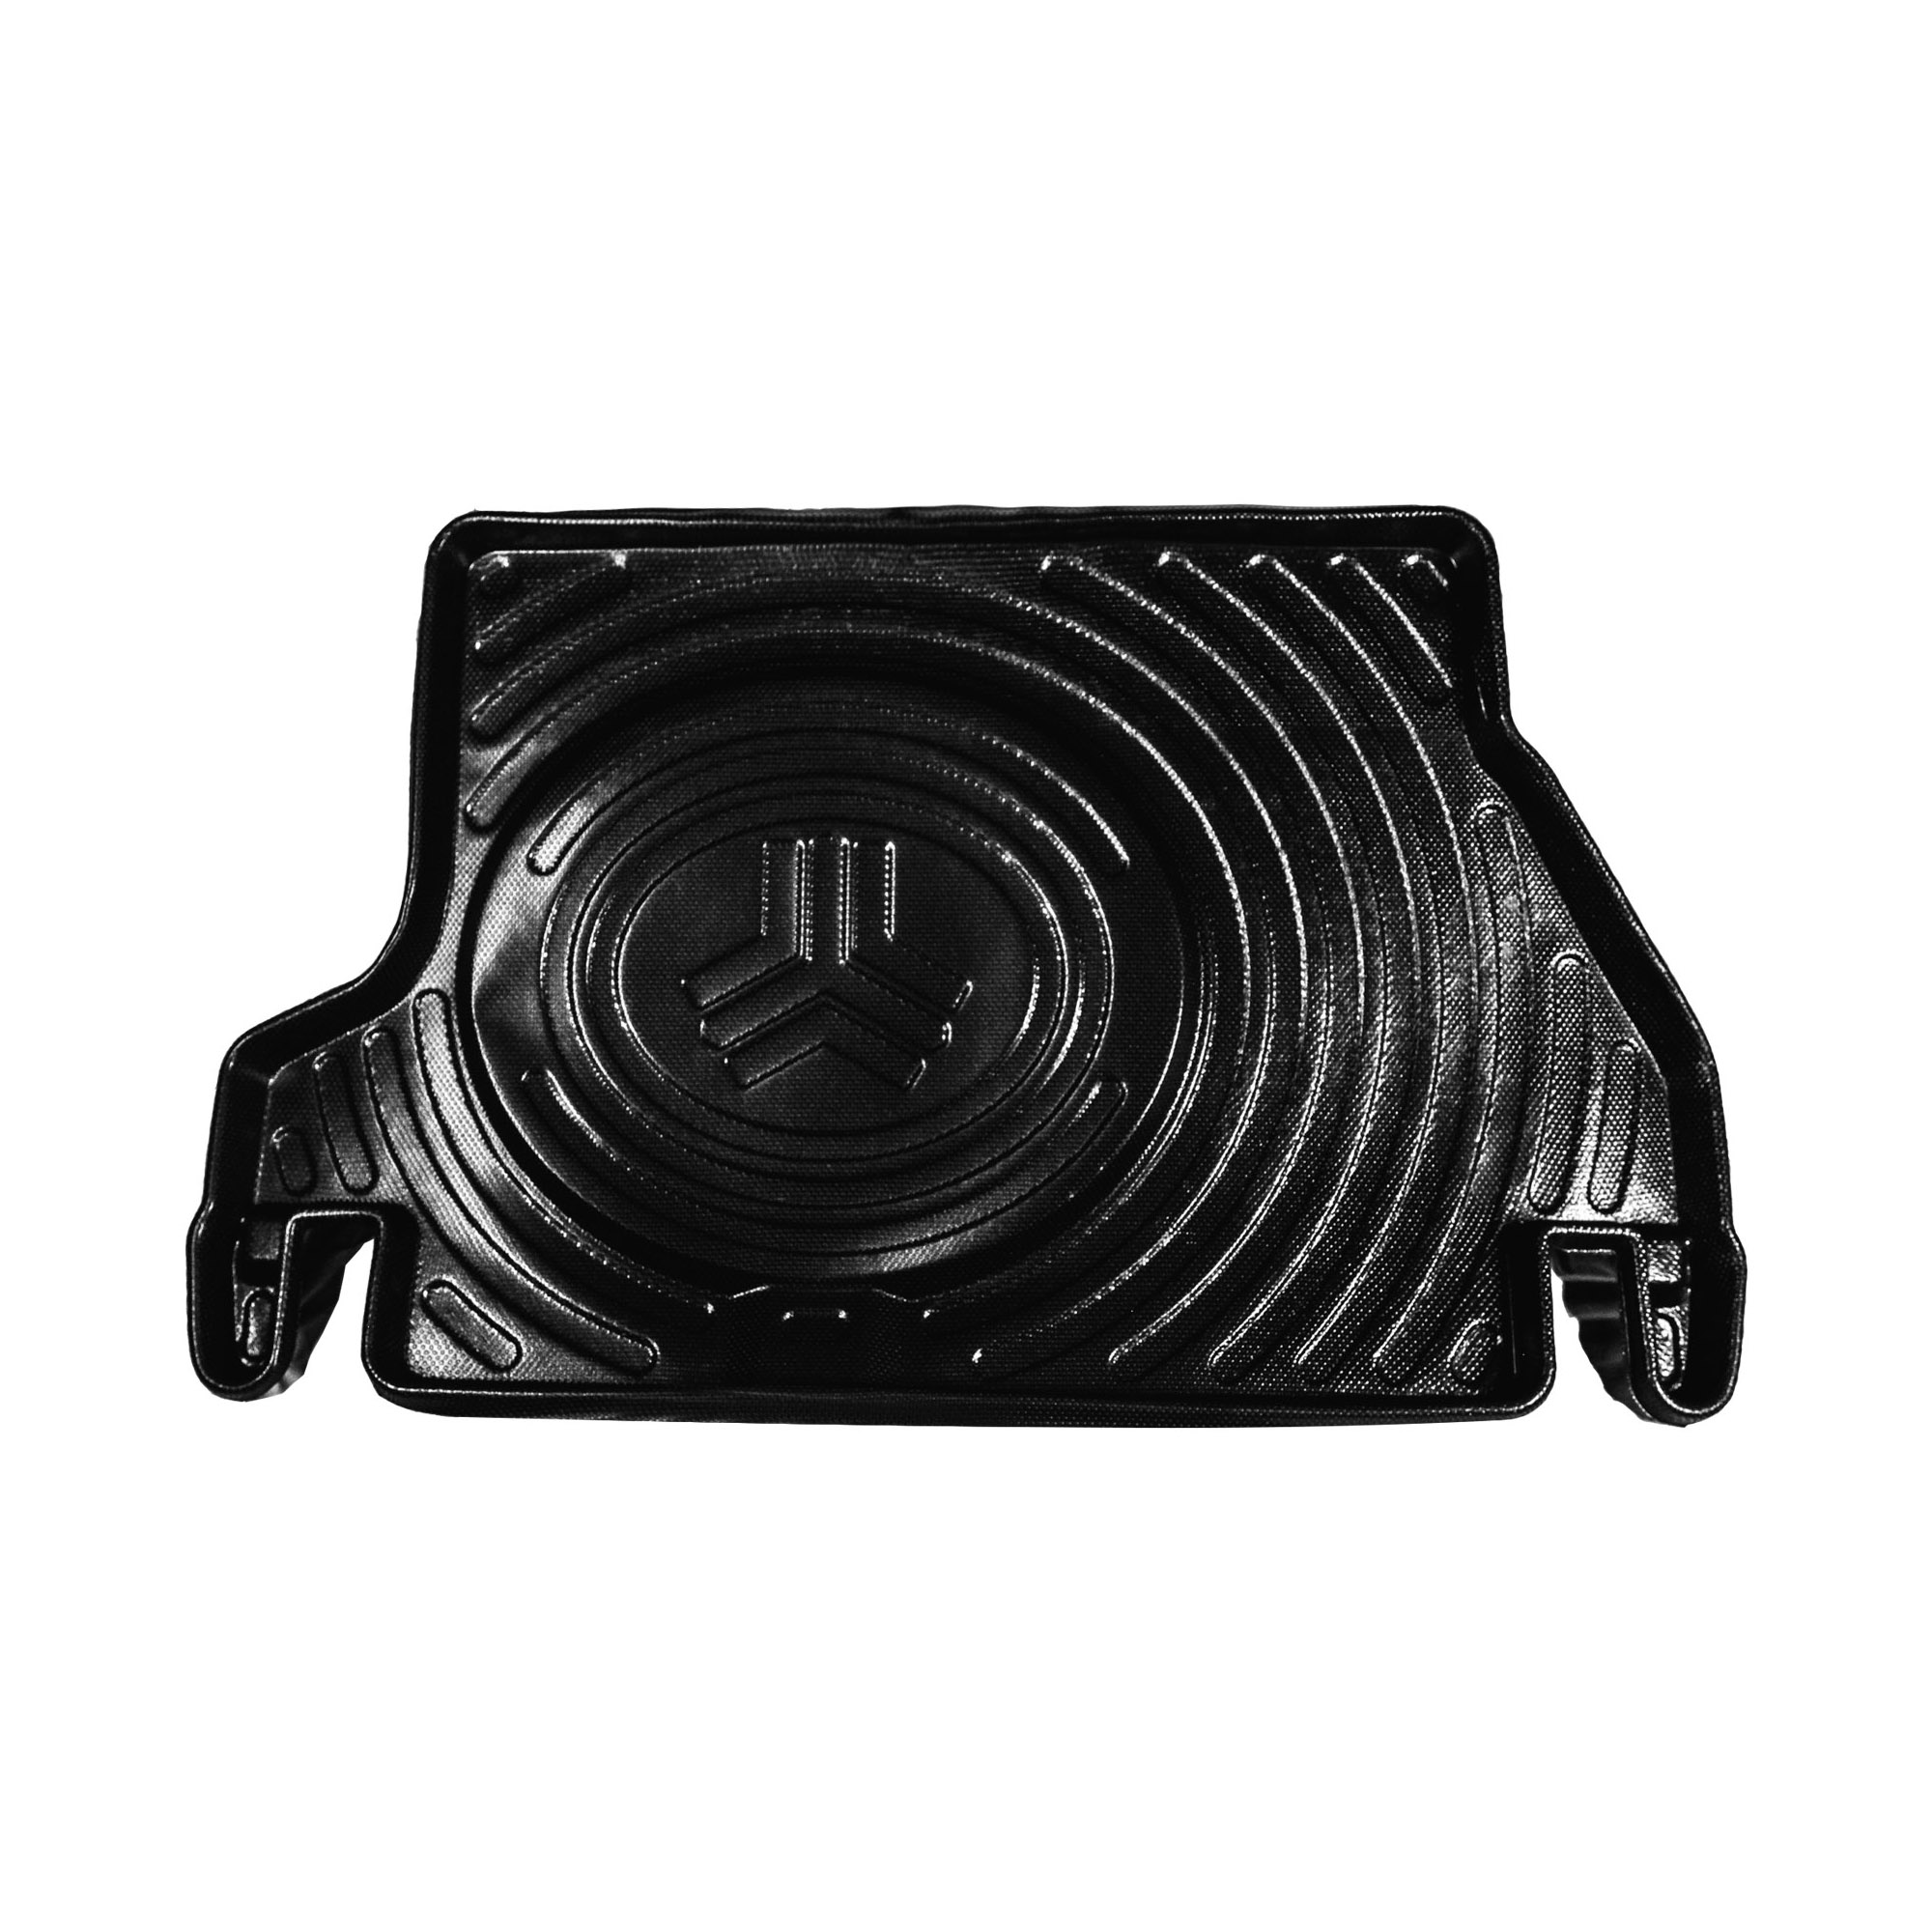 کفپوش سه بعدی صندوق خودرو مدل 026 مناسب برای پراید